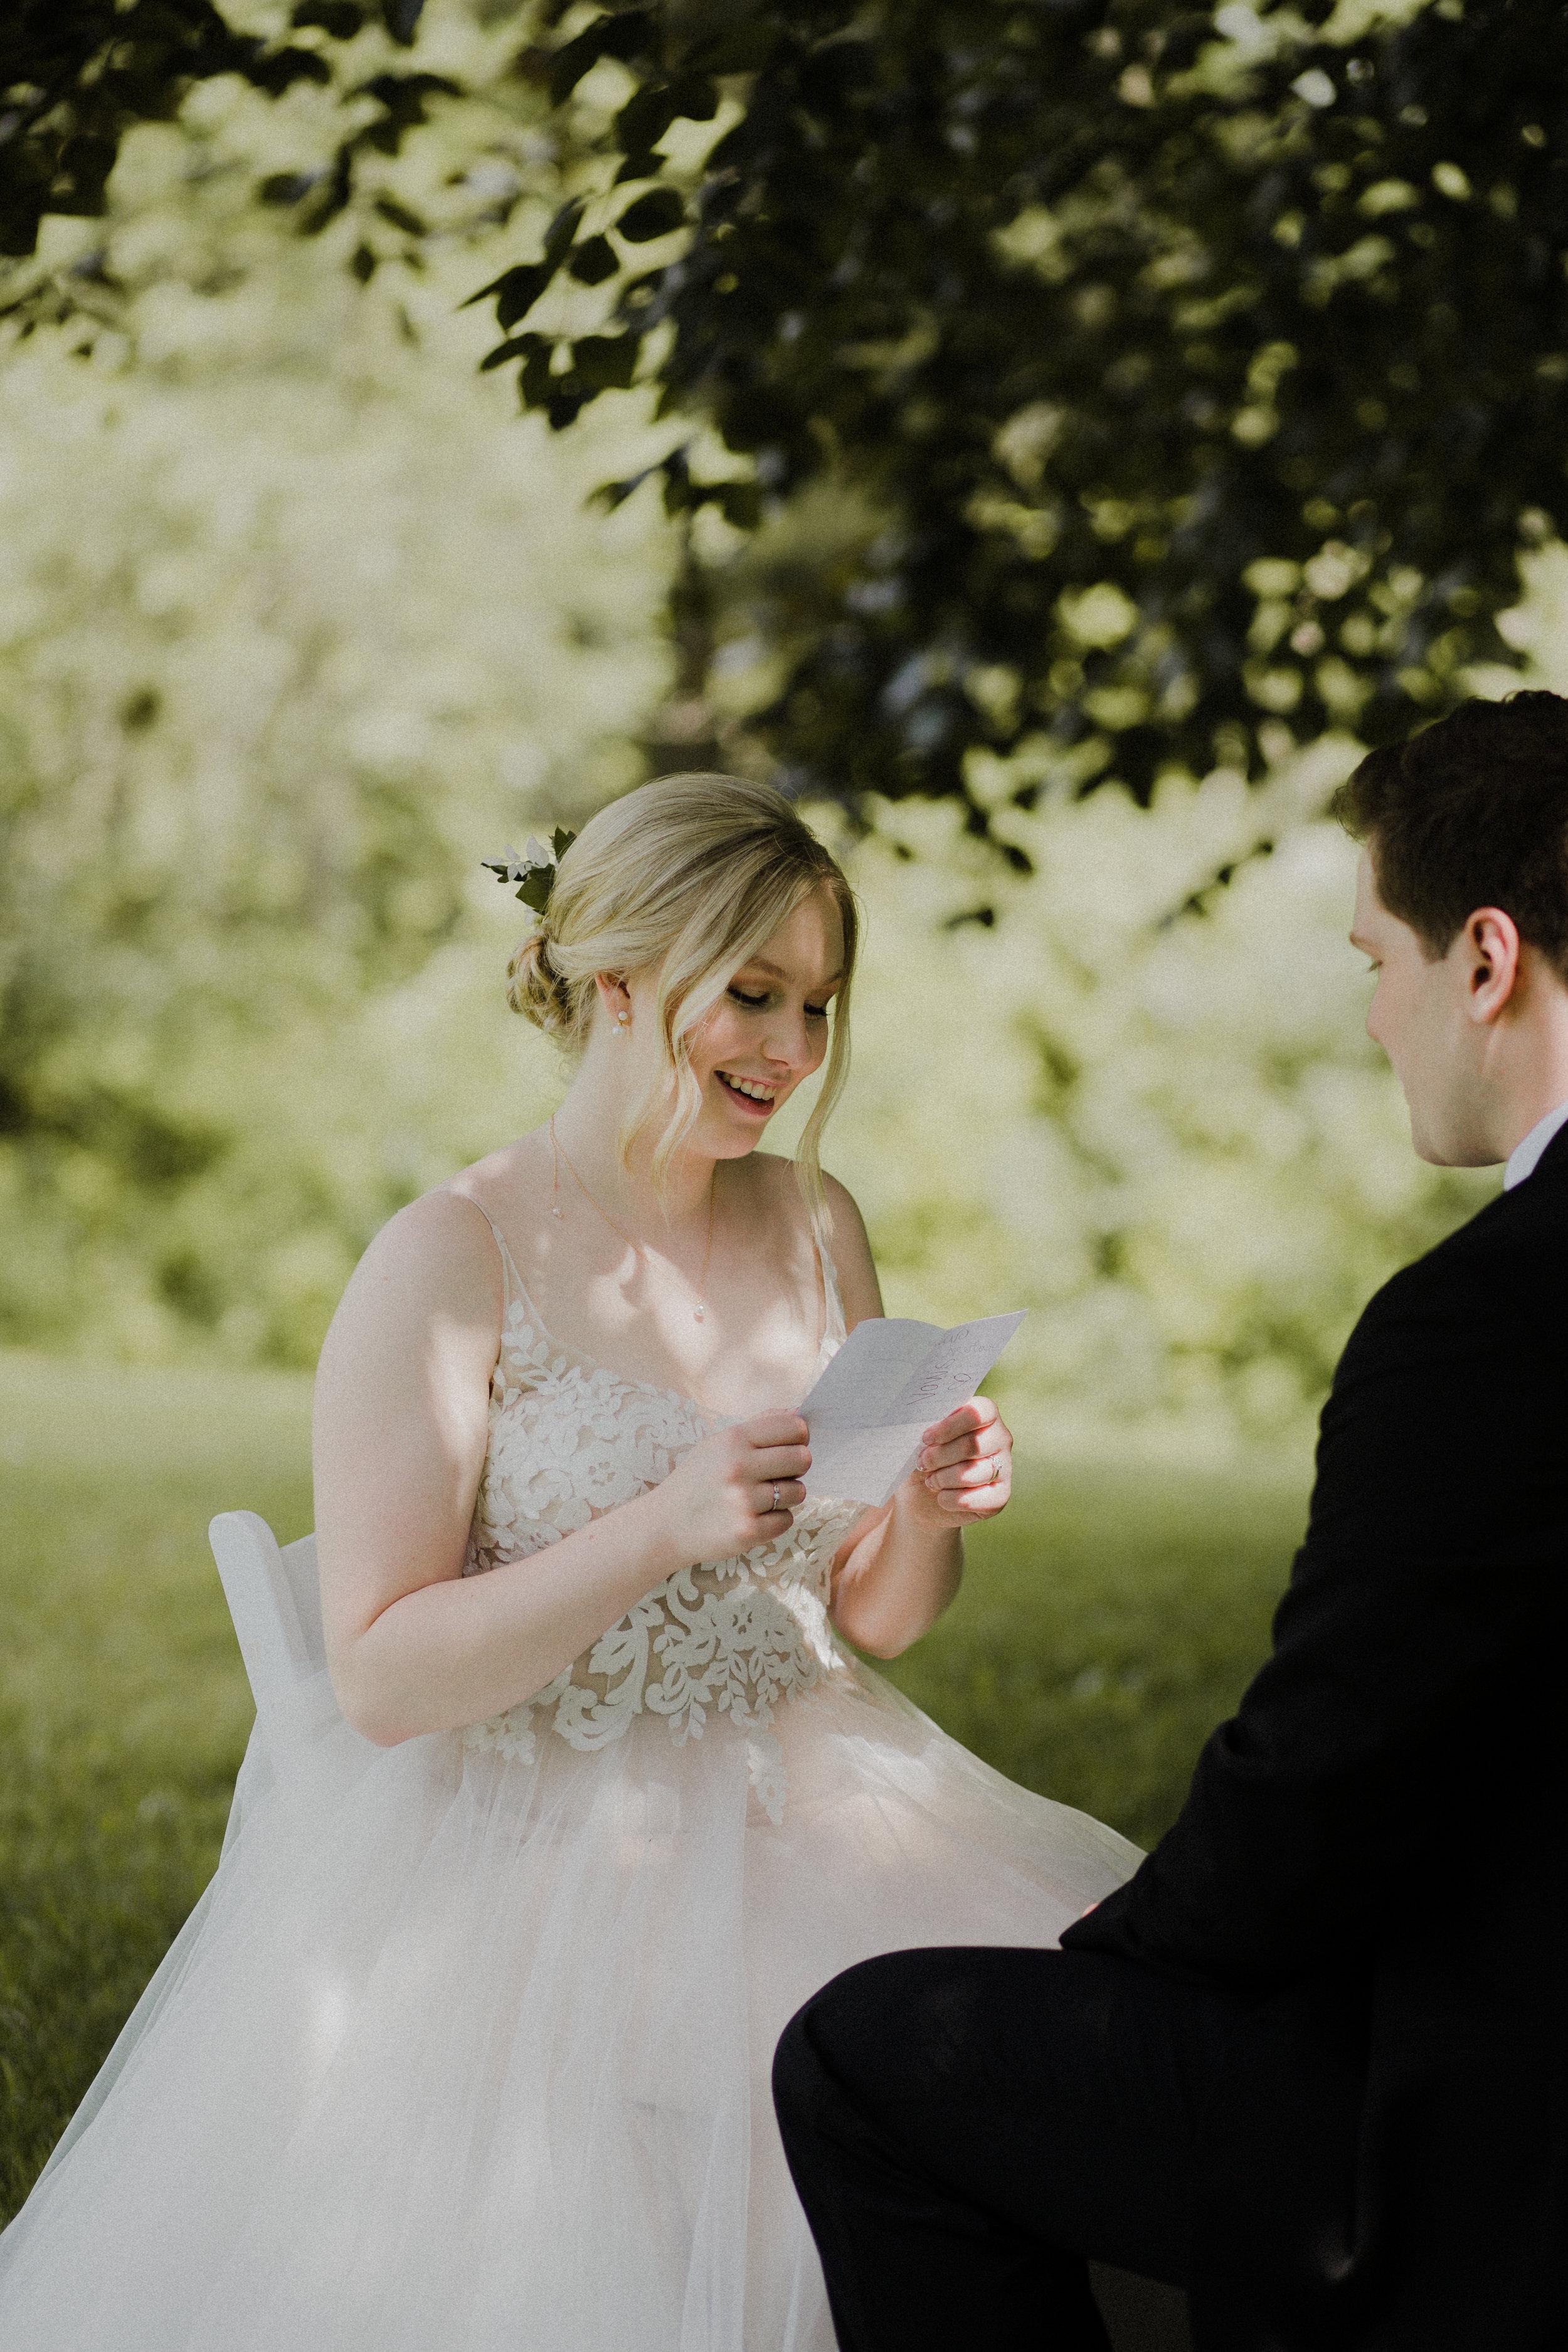 Windermere Manor Wedding in London Ontario-1-21.jpg